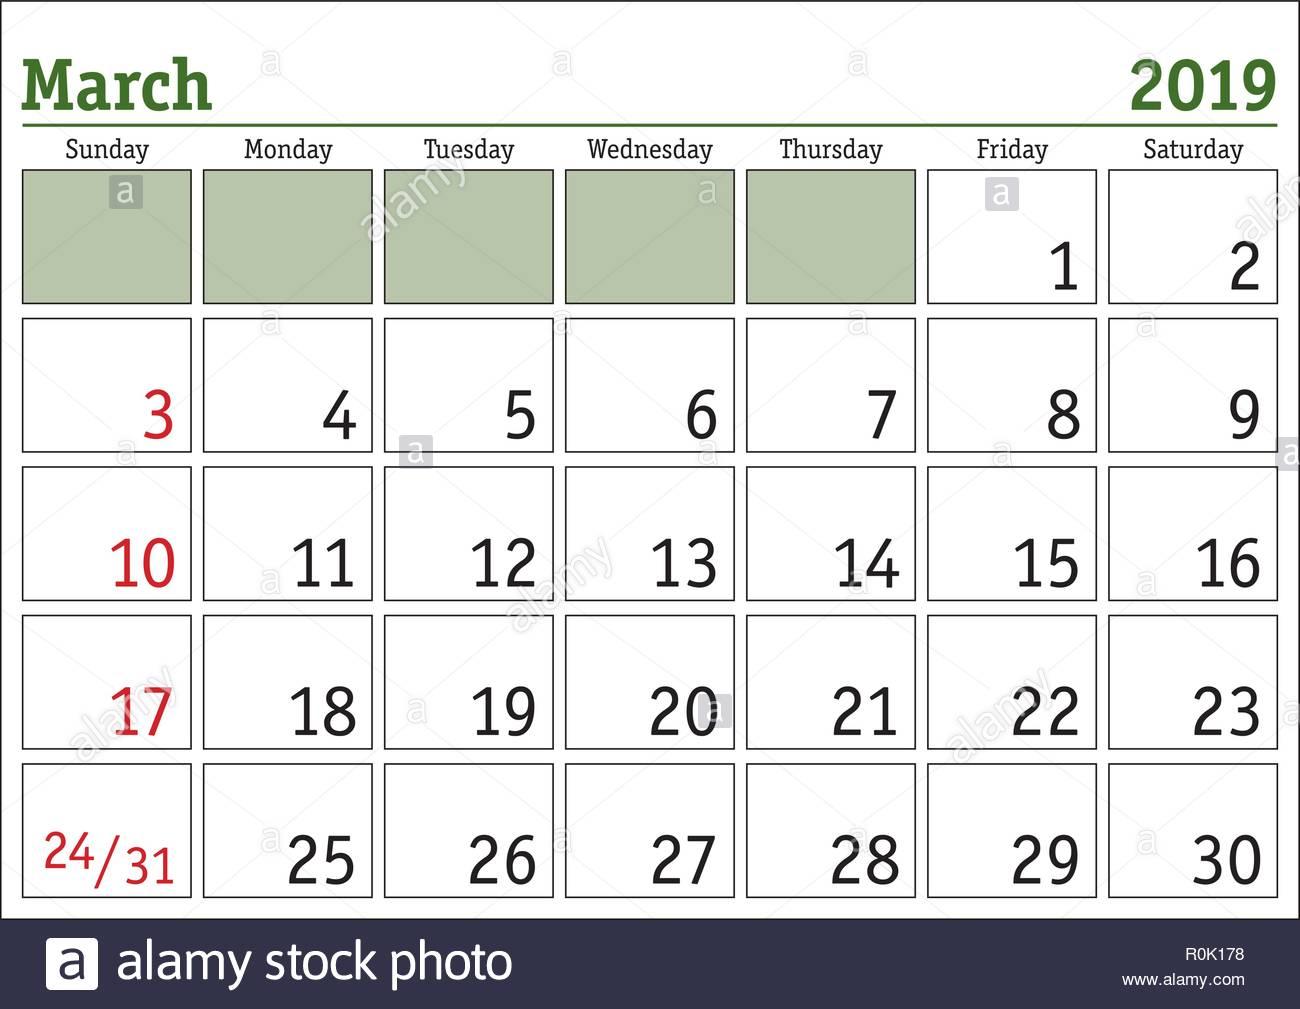 Calendario Di Marzo.Semplice Digitale Calendario Per Il Mese Di Marzo 2019